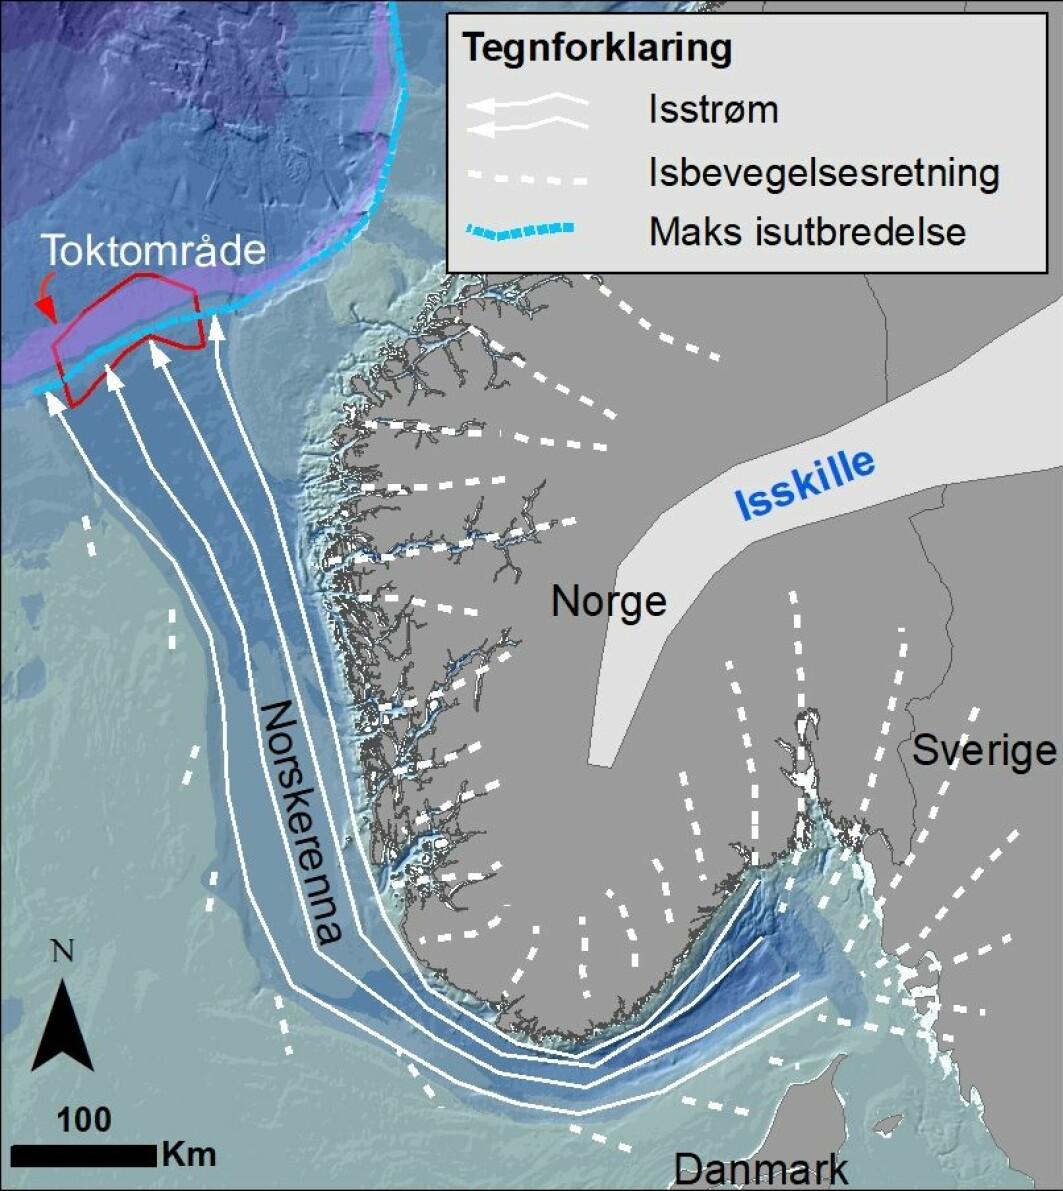 Kartet viser hvorfra breisen (og sedimentene den fraktet med seg) ble drenert ut gjennom Norskerenna (modifisert fra Ottesen 2005). Det lilla feltet langs eggakanten indikerer 550-750 m dyp med atlantisk intermediært vann. På samme dyp observerte vi rike forekomster av blomkålkorallskog.